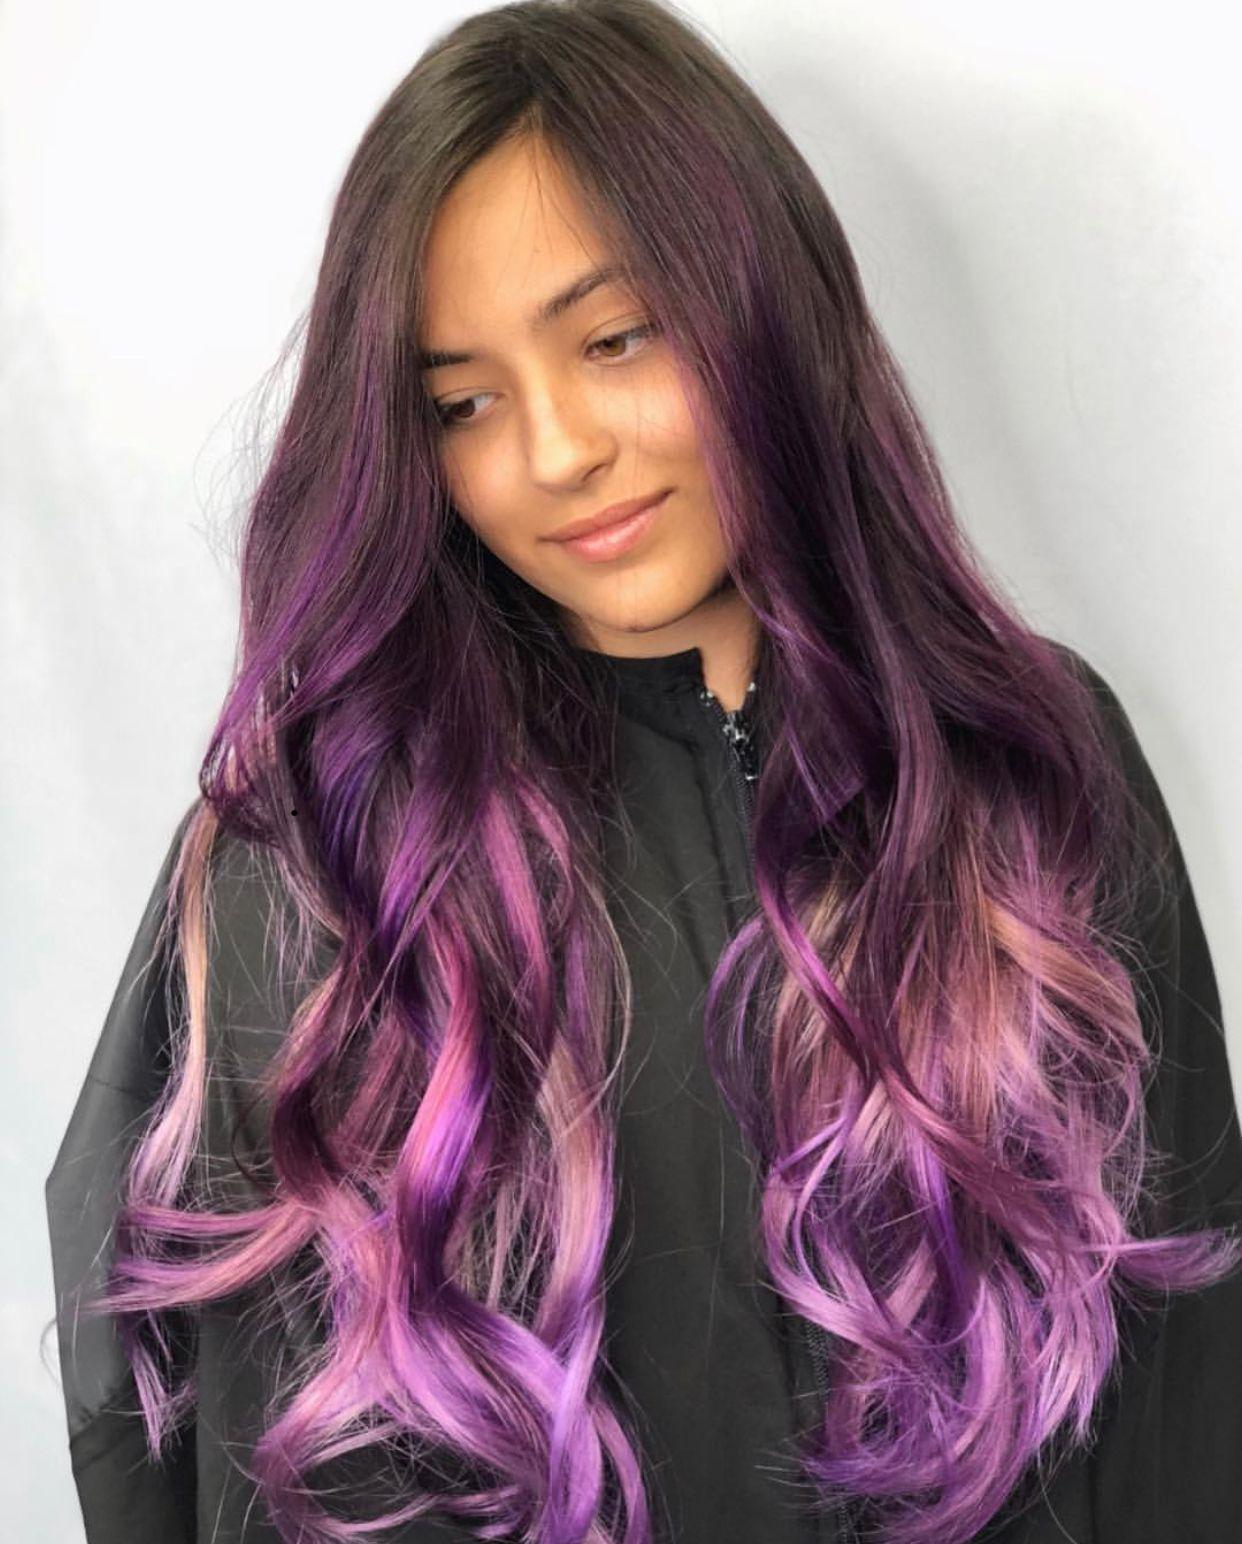 Purple hair Hair extensions miami, Hair, Hair color